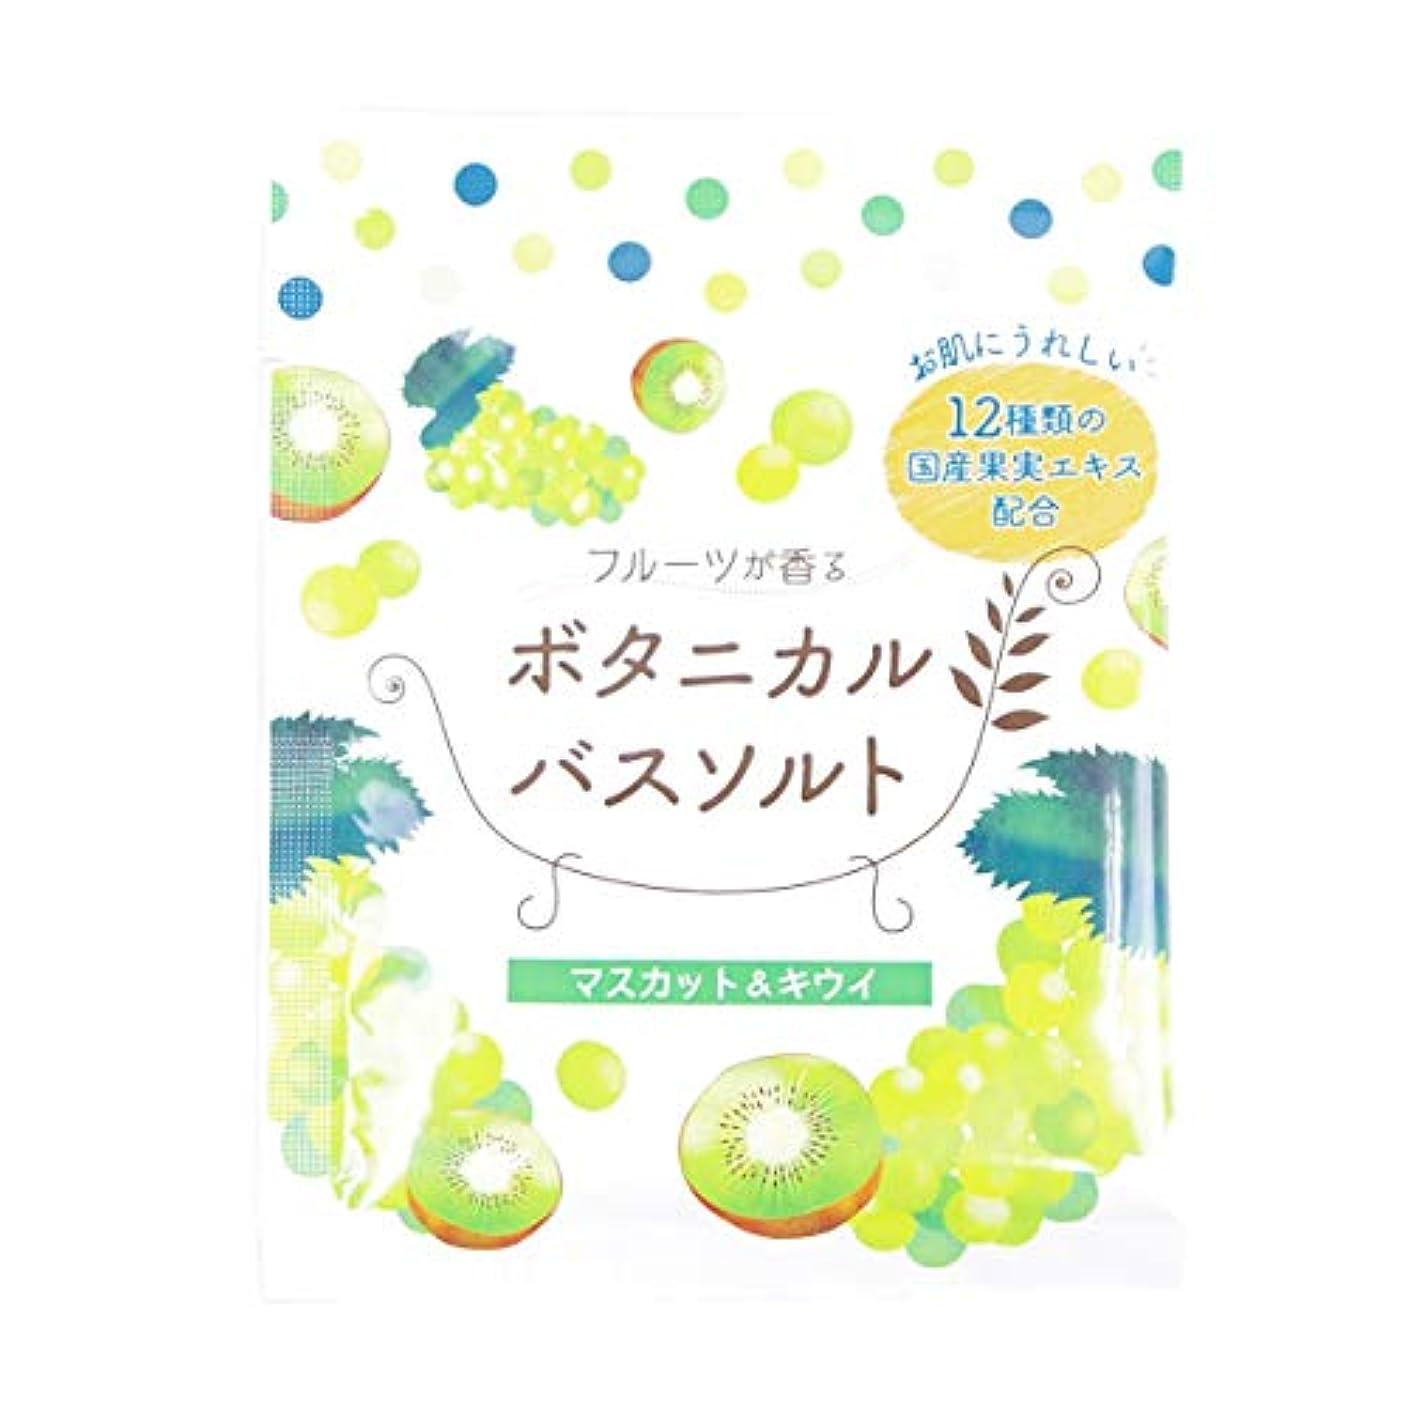 シリーズ歌うバックグラウンド松田医薬品 フルーツが香るボタニカルバスソルト マスカット&キウイ 30g